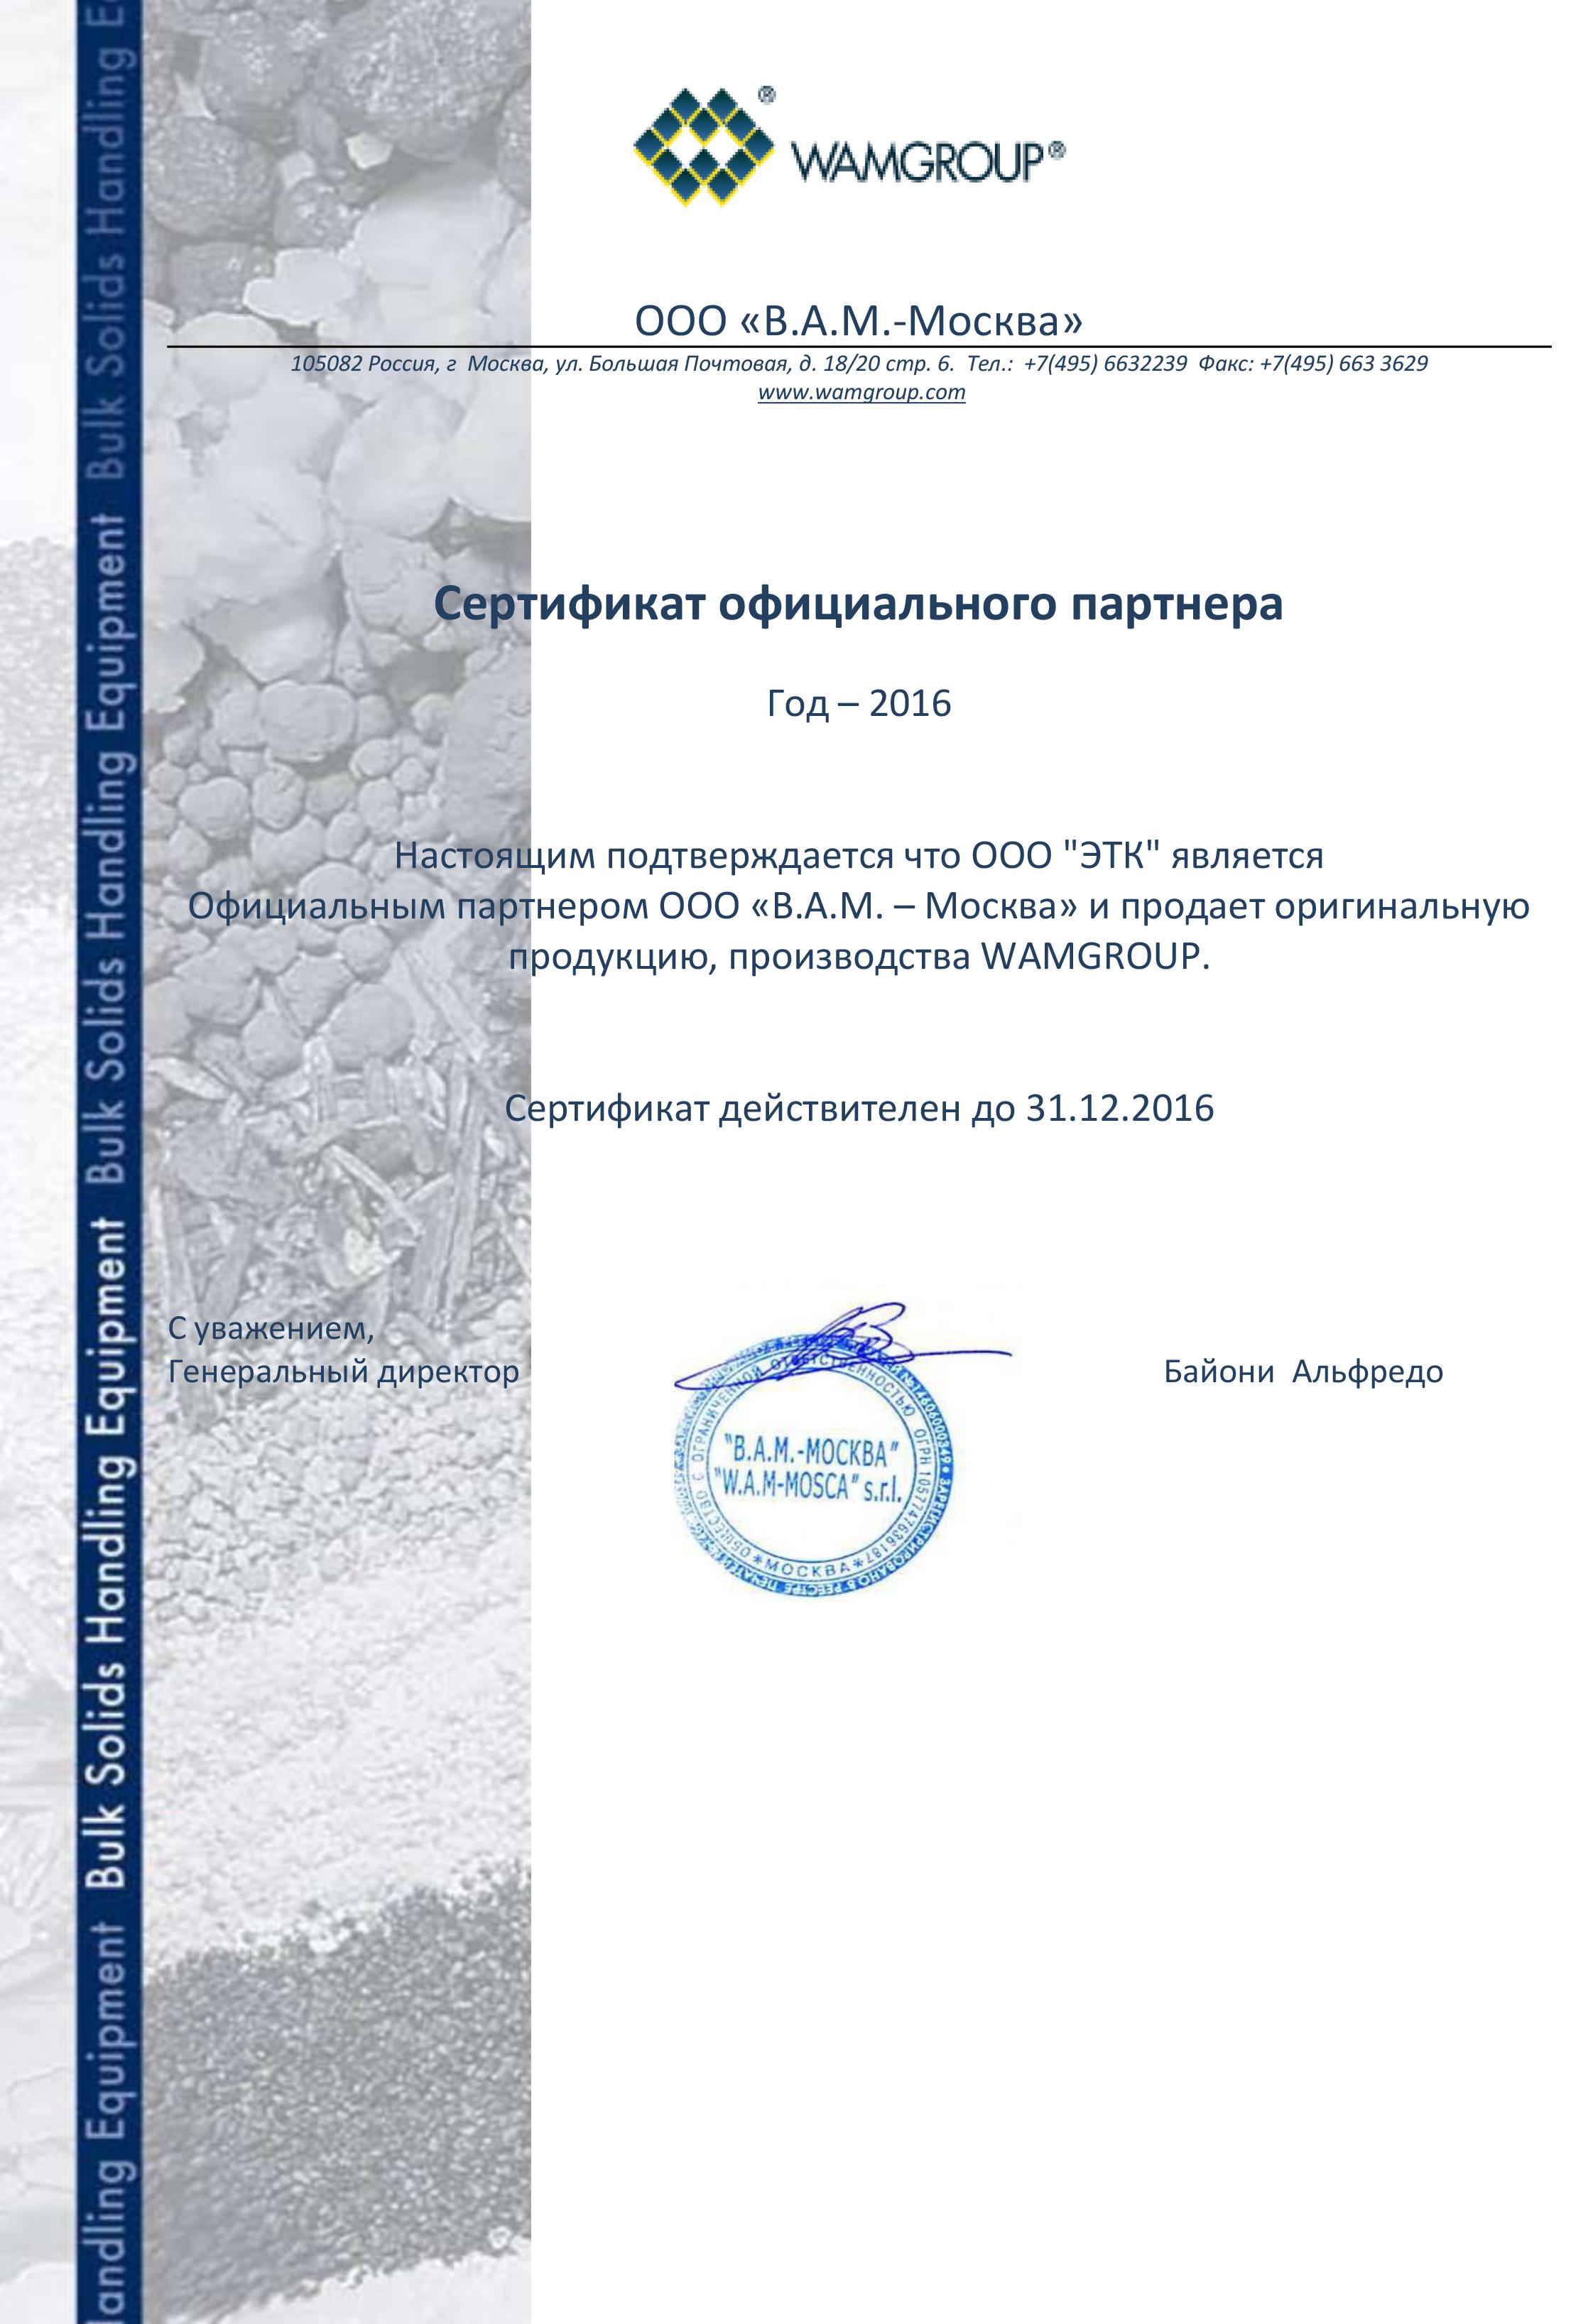 Сертификат партнера ЭТК